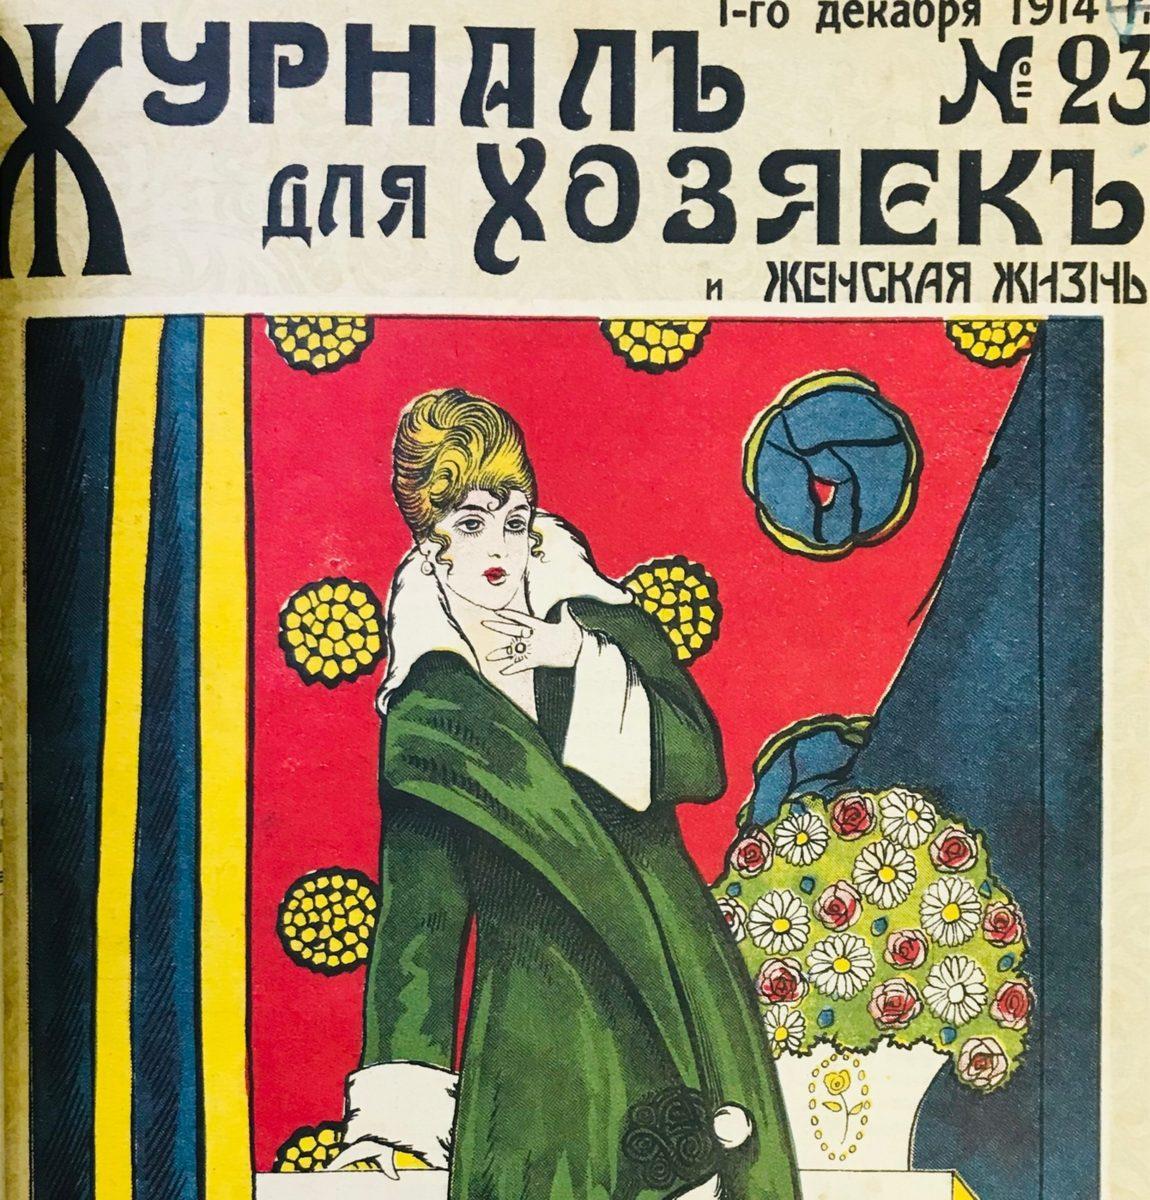 Выставка «Женские журналы конца ХIХ – начала ХХ века» – события на сайте «Московские Сезоны»